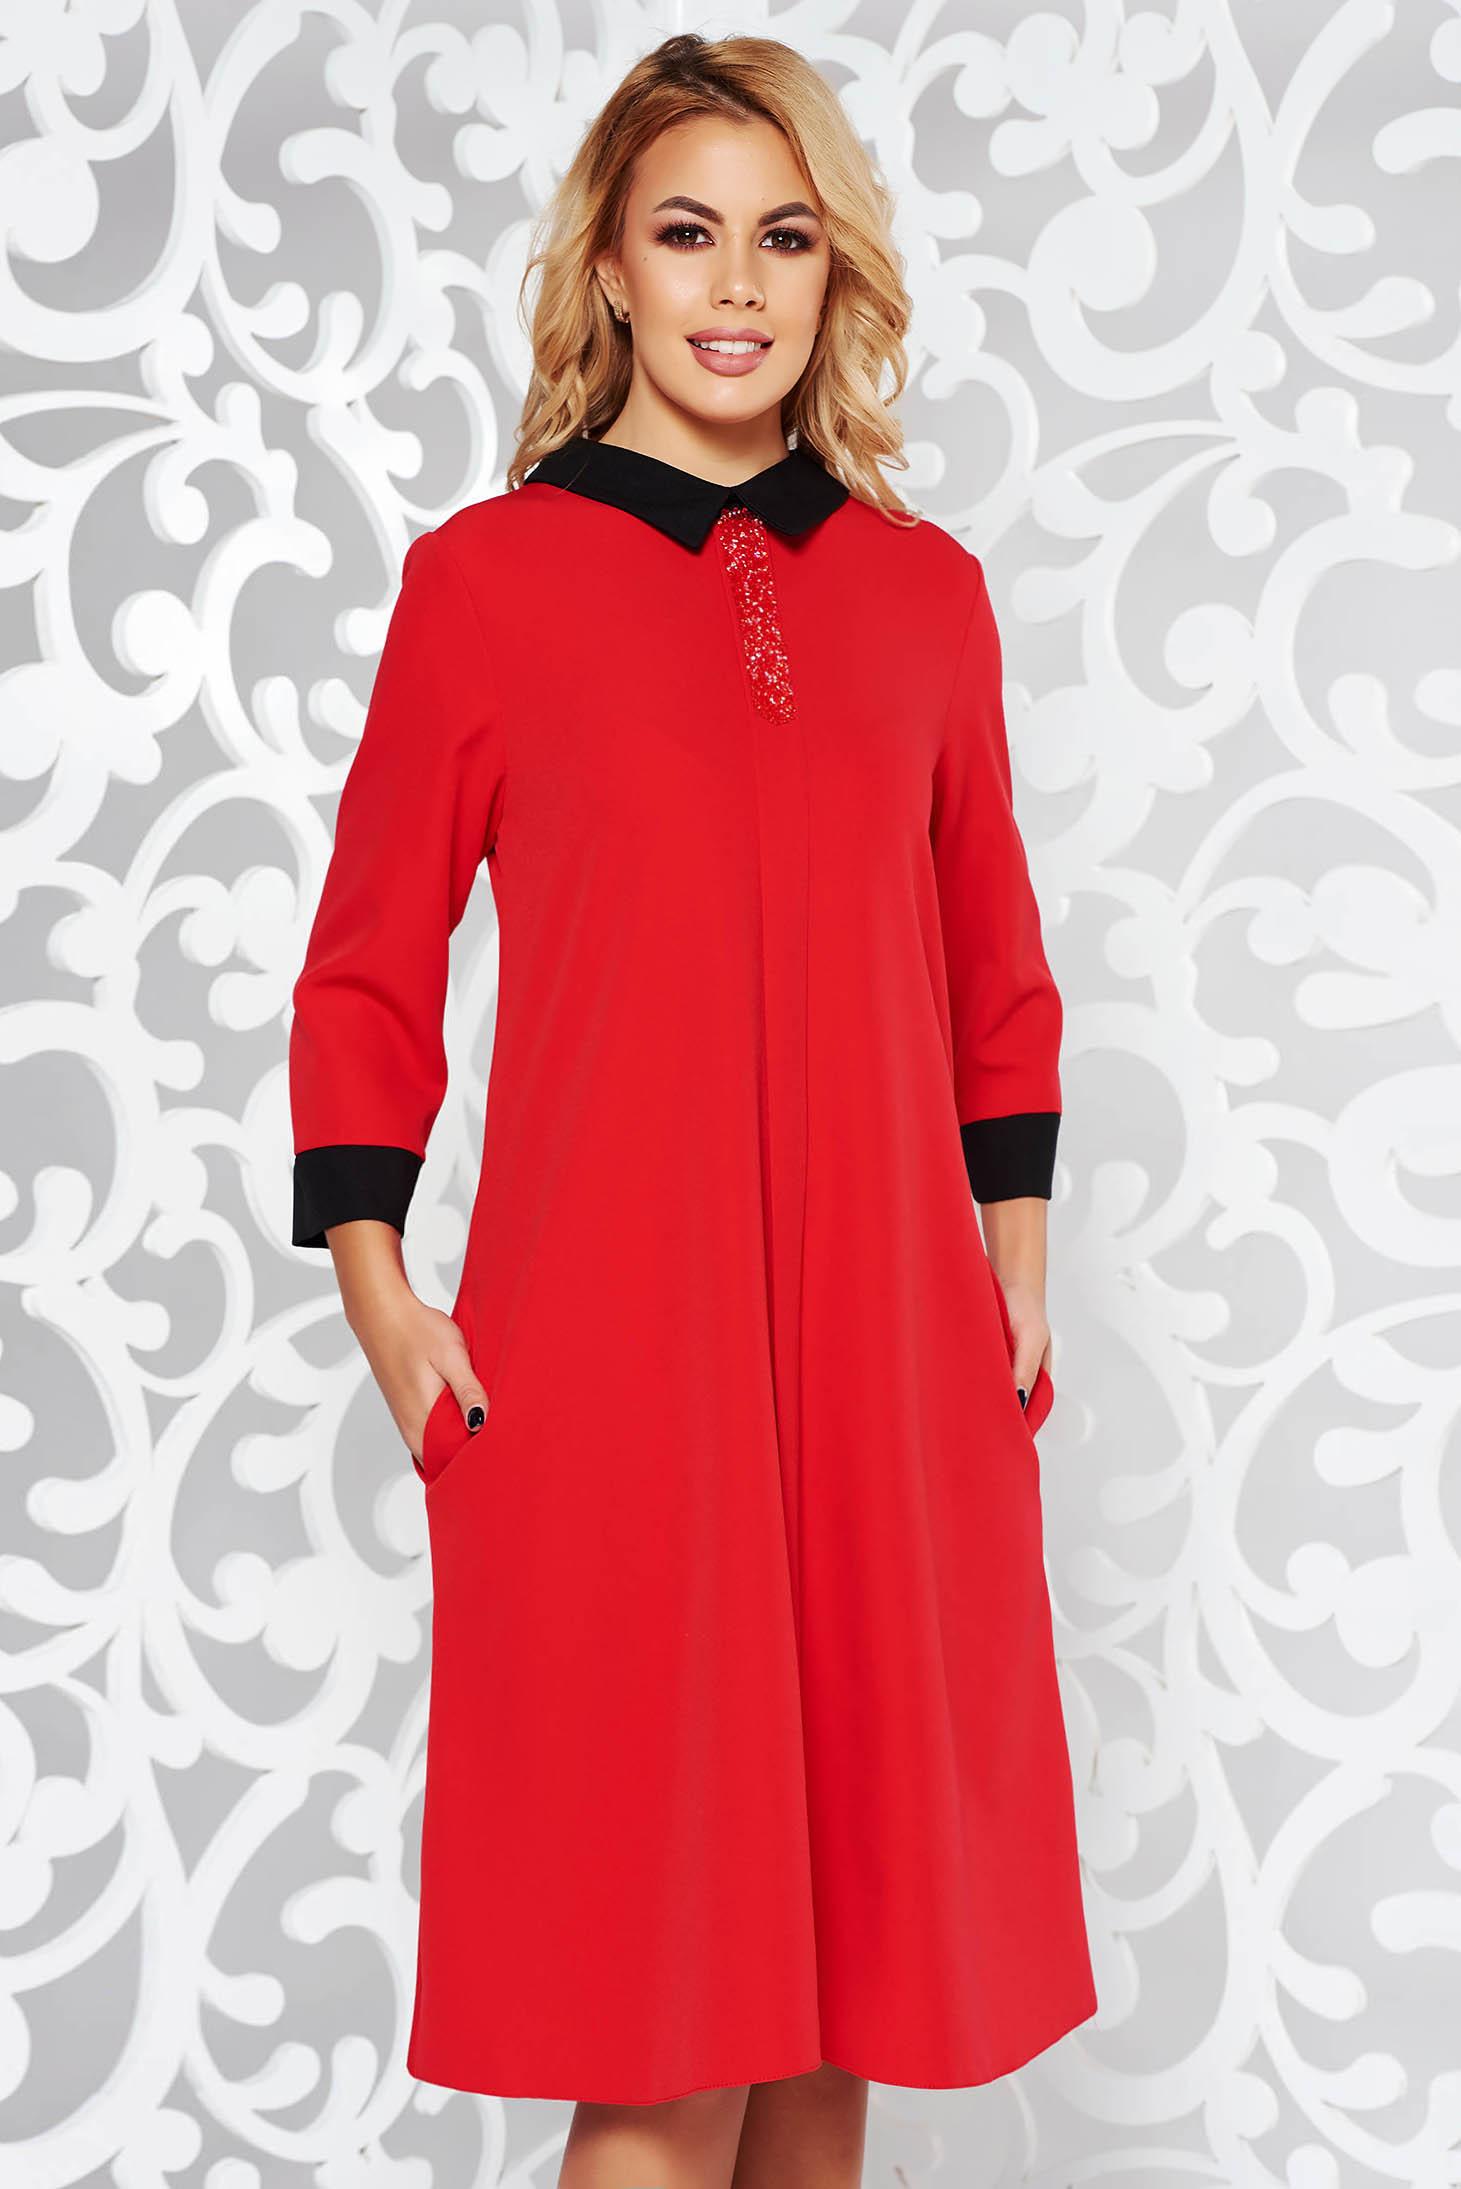 ed397375c4 Piros elegáns bő szabású ruha enyhén rugalmas anyag csillogó kiegészítők  zsebes